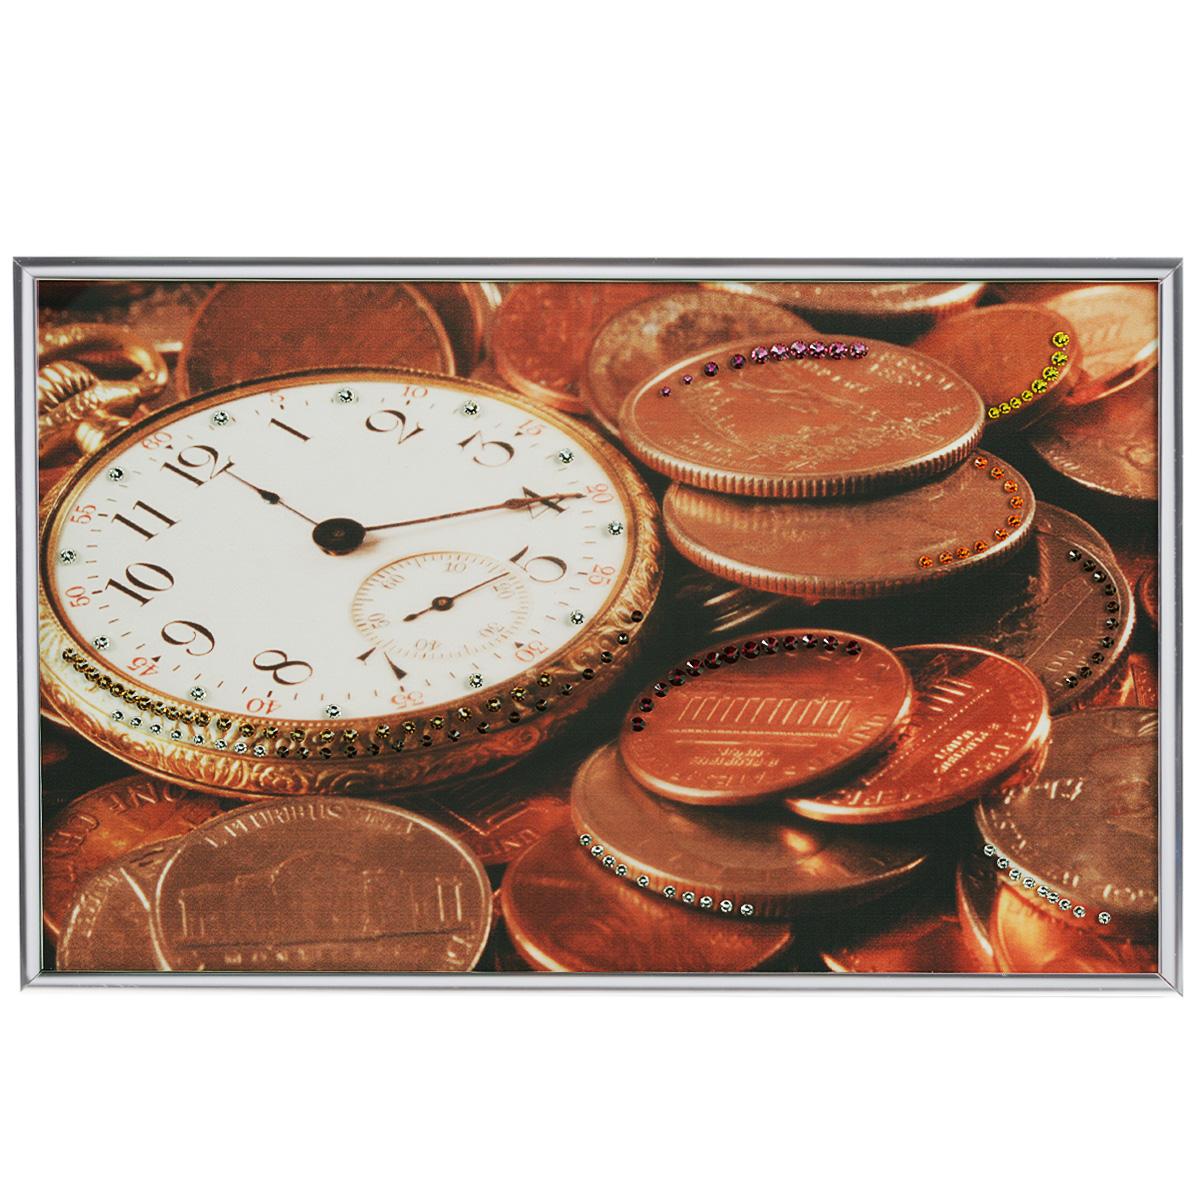 Картина с кристаллами Swarovski Время деньги, 30 см х 20 см1405Изящная картина в металлической раме, инкрустирована кристаллами Swarovski, которые отличаются четкой и ровной огранкой, ярким блеском и чистотой цвета. Красочное изображение часов и монет, расположенное под стеклом, прекрасно дополняет блеск кристаллов. С обратной стороны имеется металлическая петелька для размещения картины на стене. Картина с кристаллами Swarovski Время деньги элегантно украсит интерьер дома или офиса, а также станет прекрасным подарком, который обязательно понравится получателю. Блеск кристаллов в интерьере, что может быть сказочнее и удивительнее. Картина упакована в подарочную картонную коробку синего цвета и комплектуется сертификатом соответствия Swarovski.